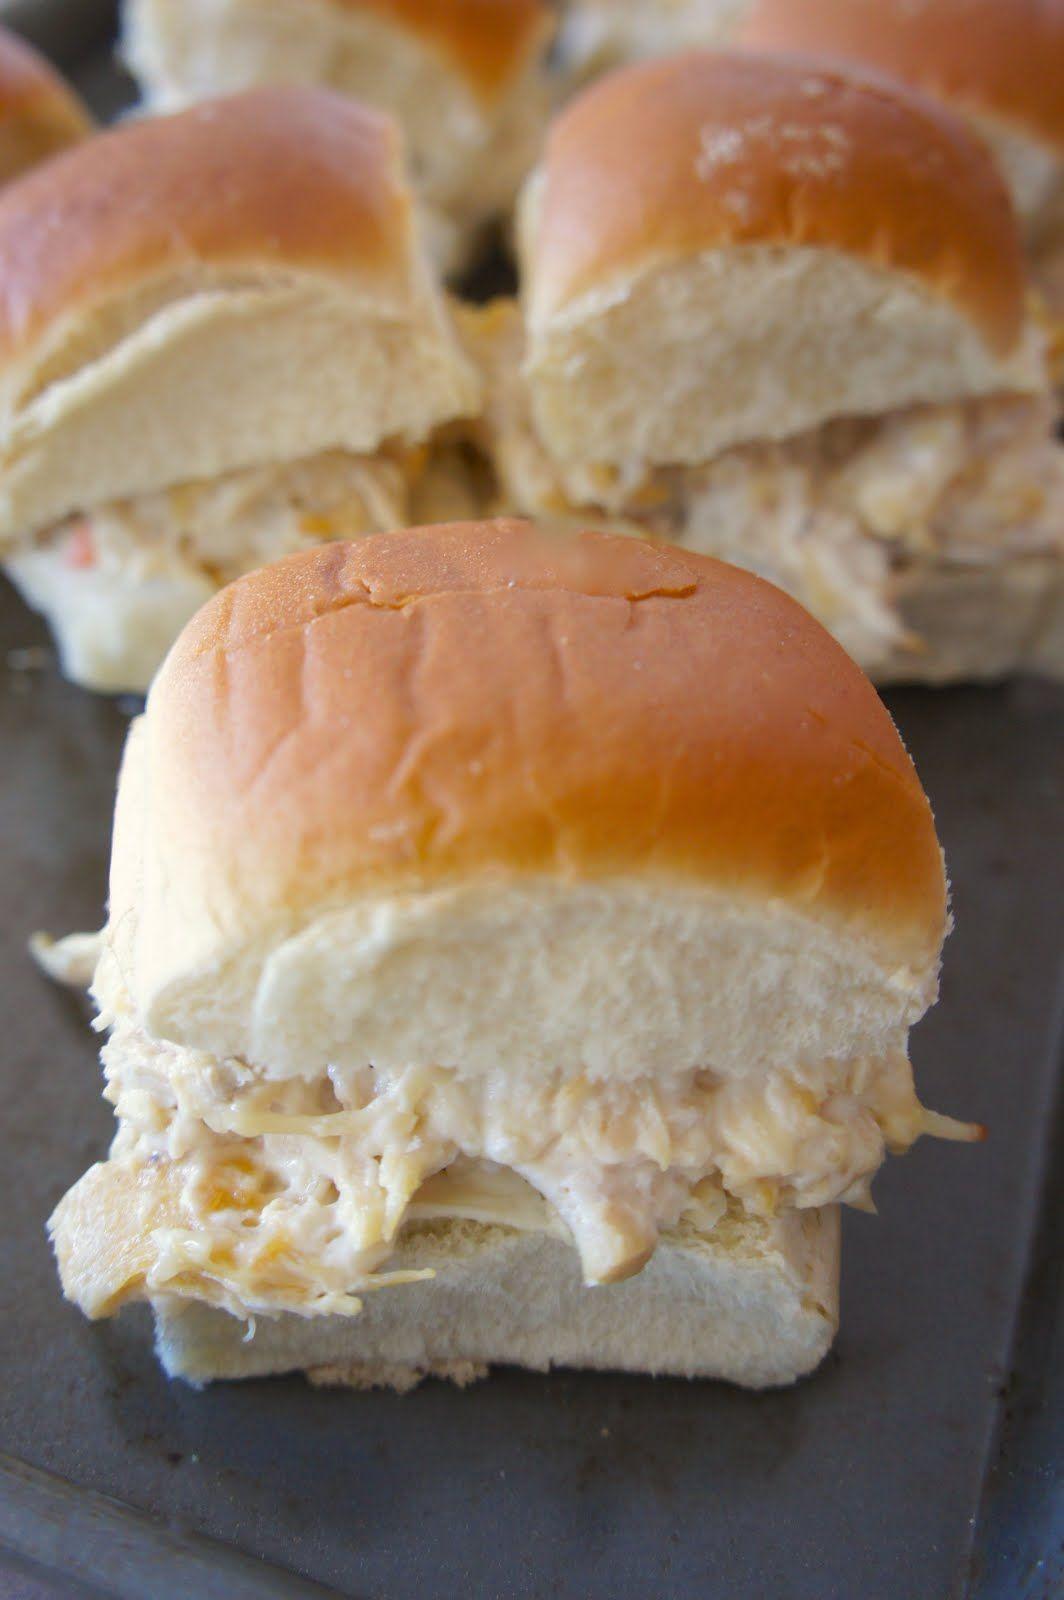 T Sandwich ytty5y5tyy55yyg5ty yyyyy5yyyttyytyyytytyyy5tyyyyty yyty5yyyy ty t y yyyyytytyyytyyyyyyyy5ty ty5tyyytyyyyyyyy5: Savory Sweet and Satisfying